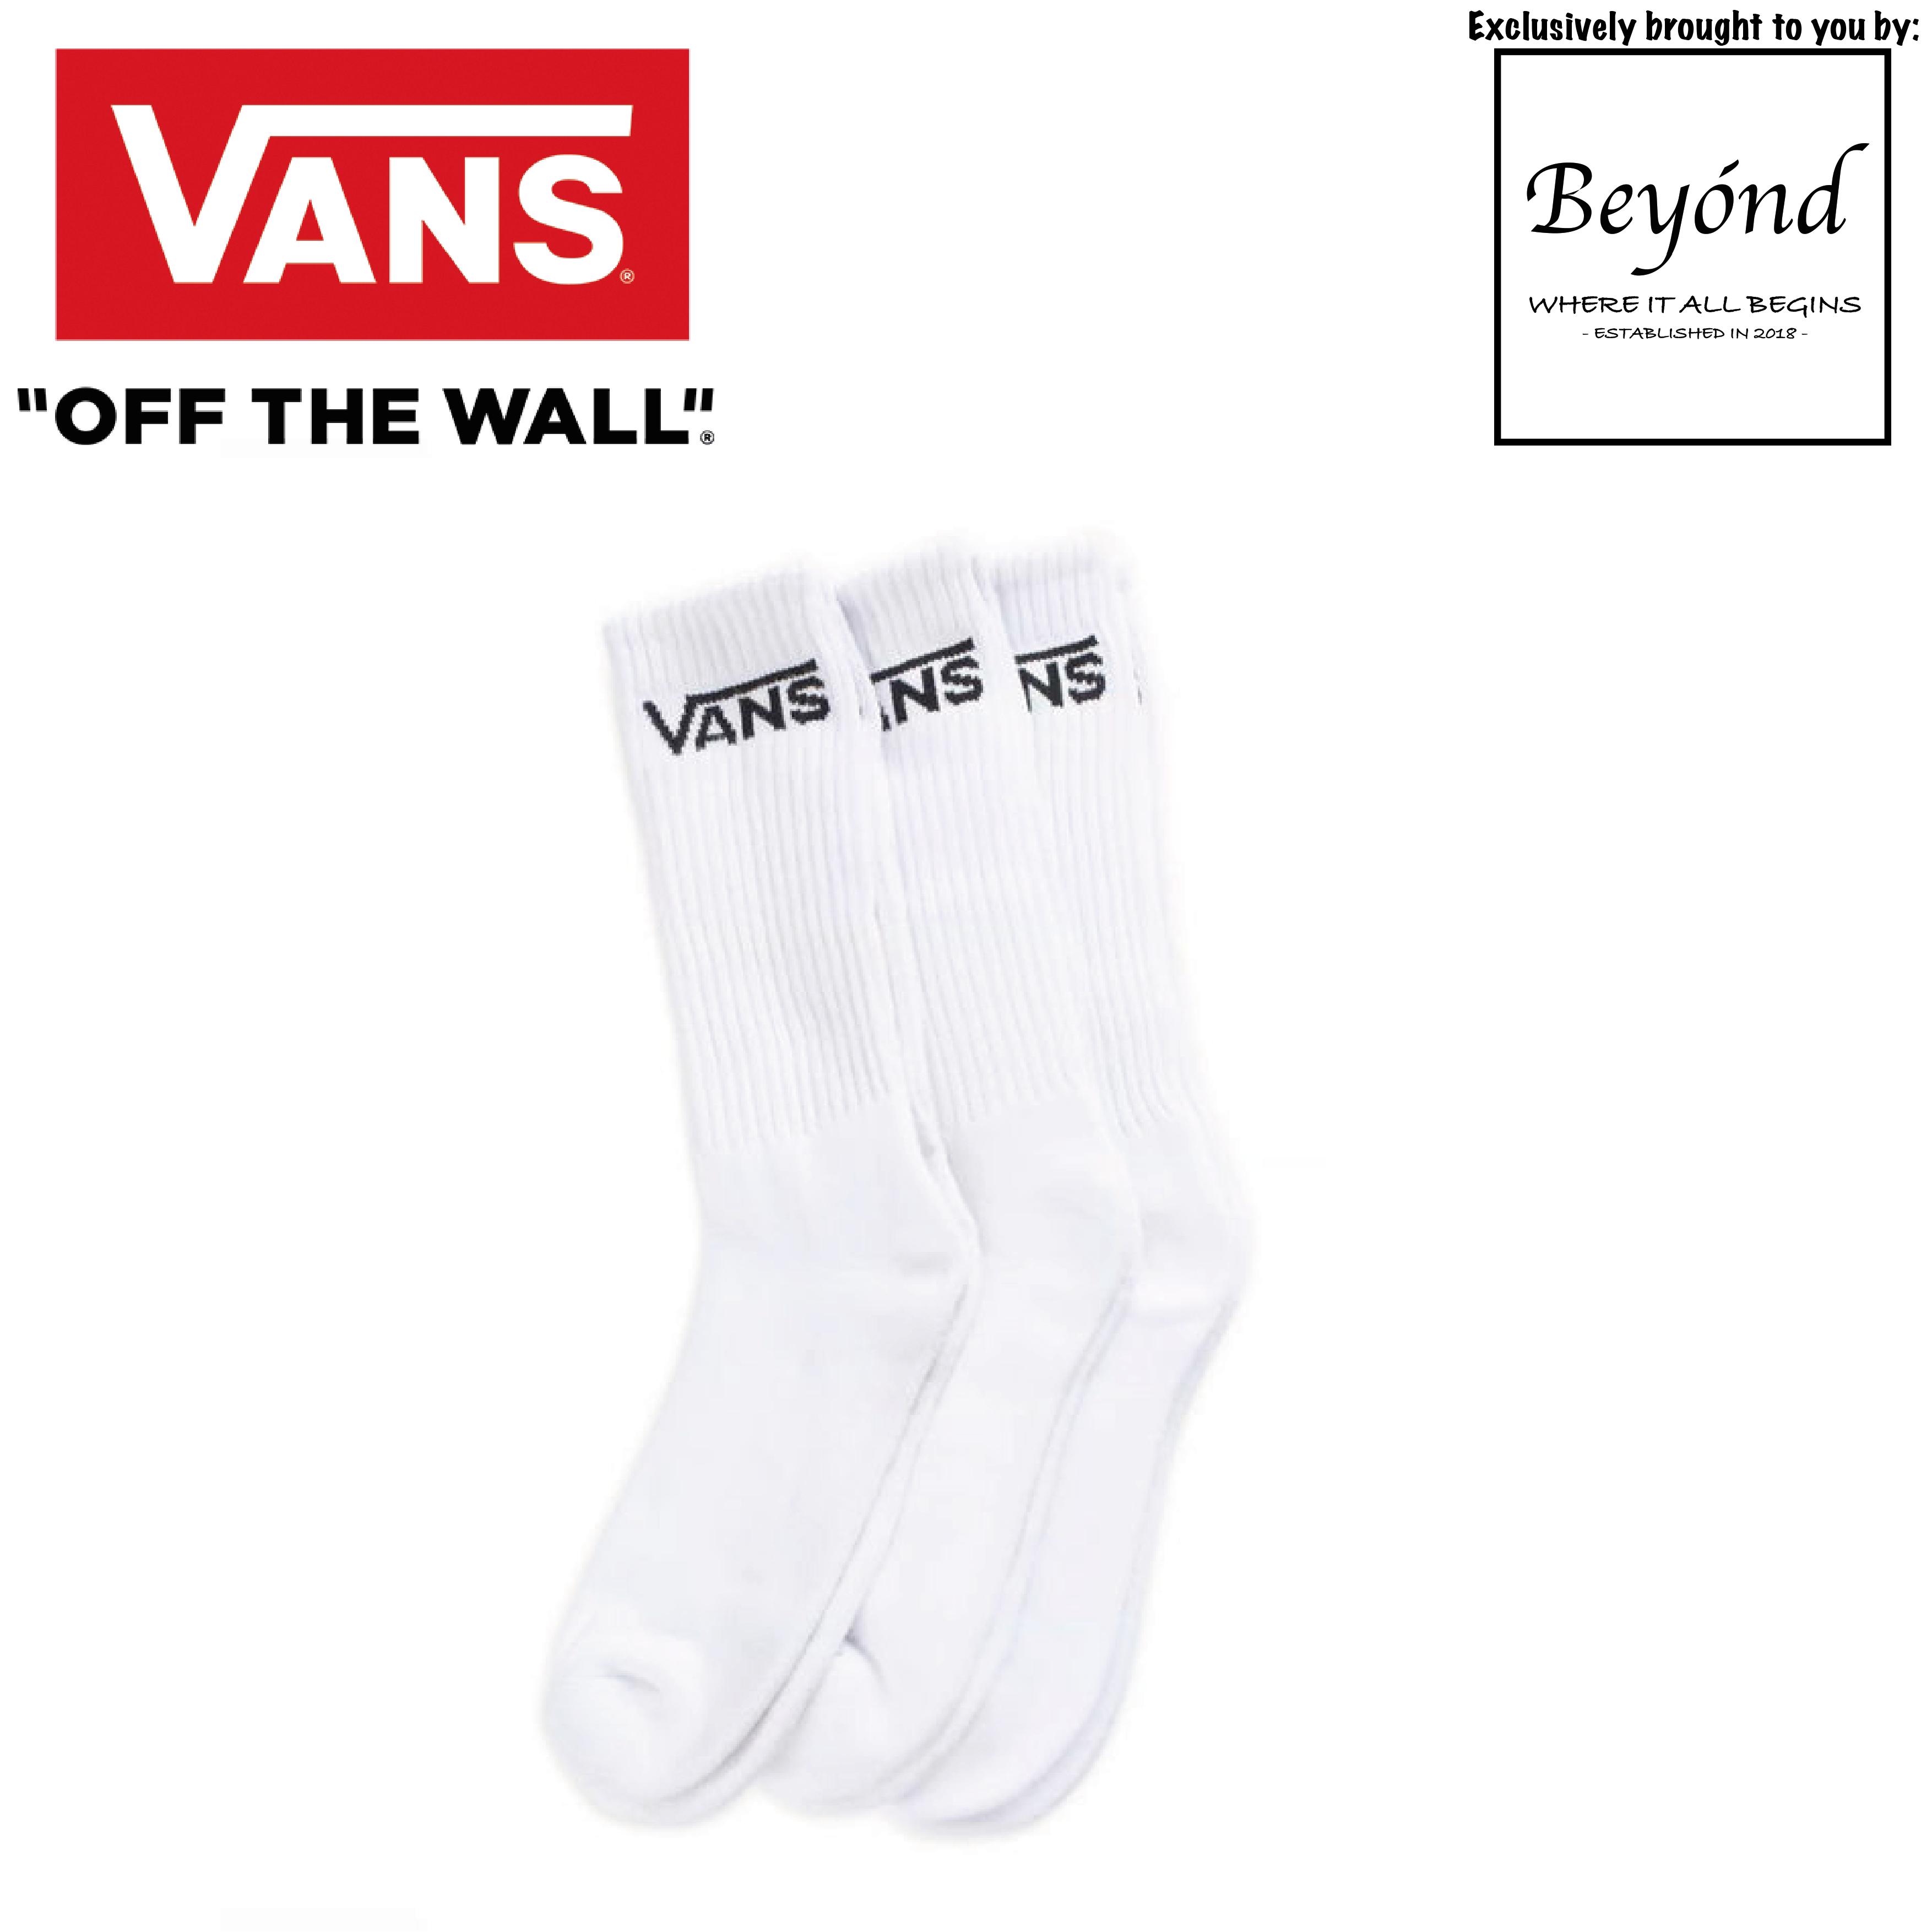 [3 Pairs] Vans - White Classic Crew Socks (Size: UK 5.5 - 8.0)